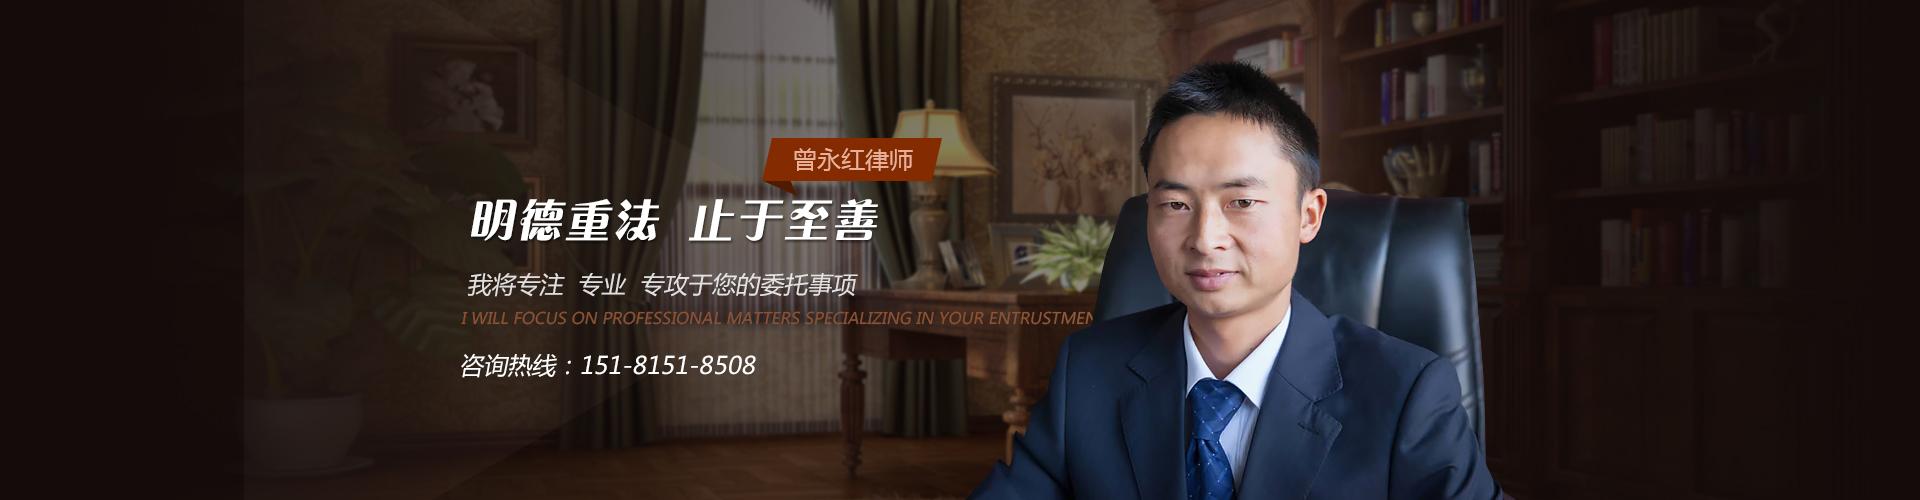 凉山专业律师